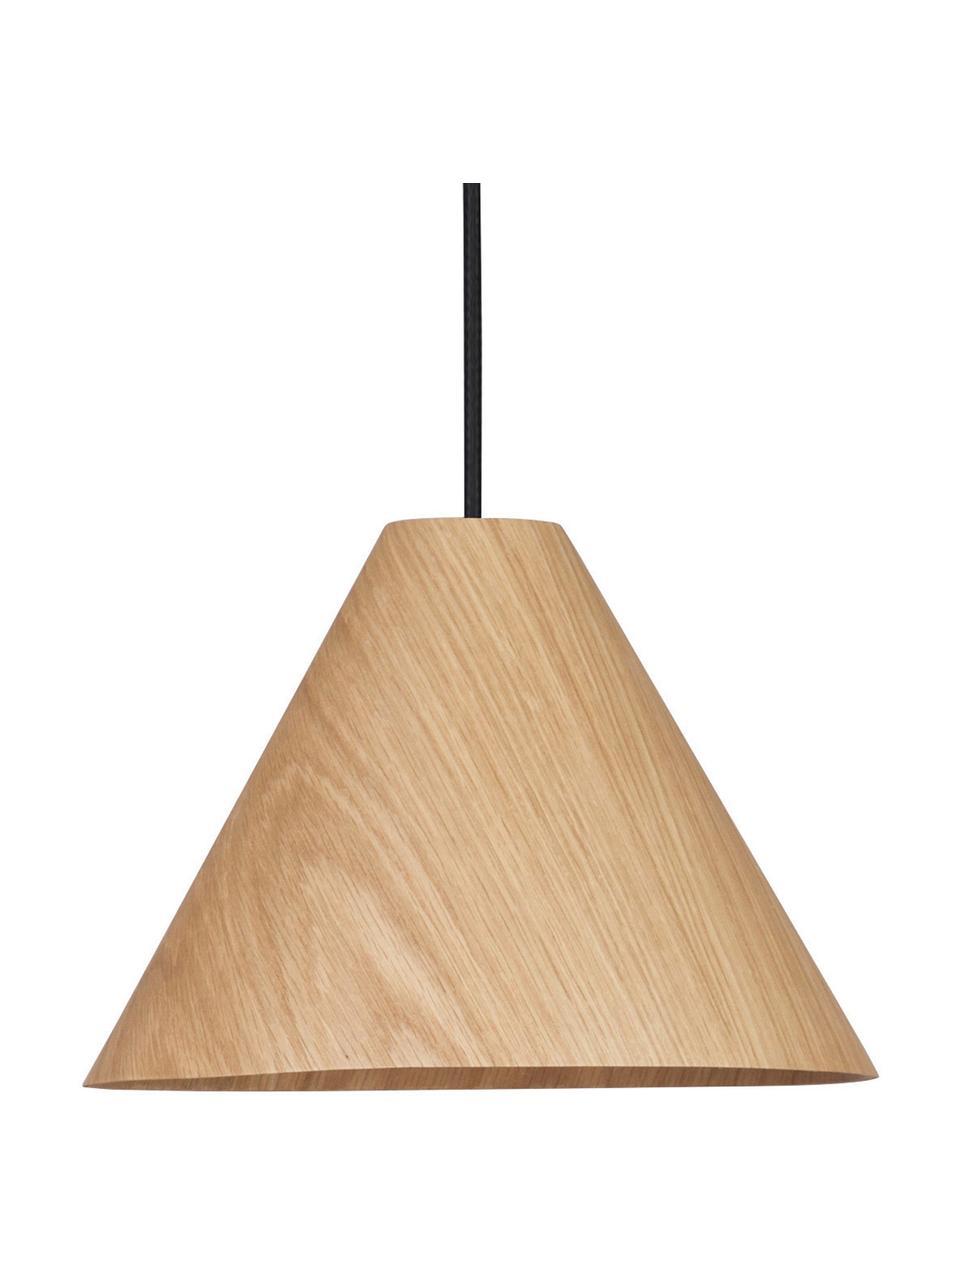 Kleine Pendelleuchte Wera aus Holz, Lampenschirm: Holz, Baldachin: Holz, Holz, Schwarz, Ø 25 x H 17 cm